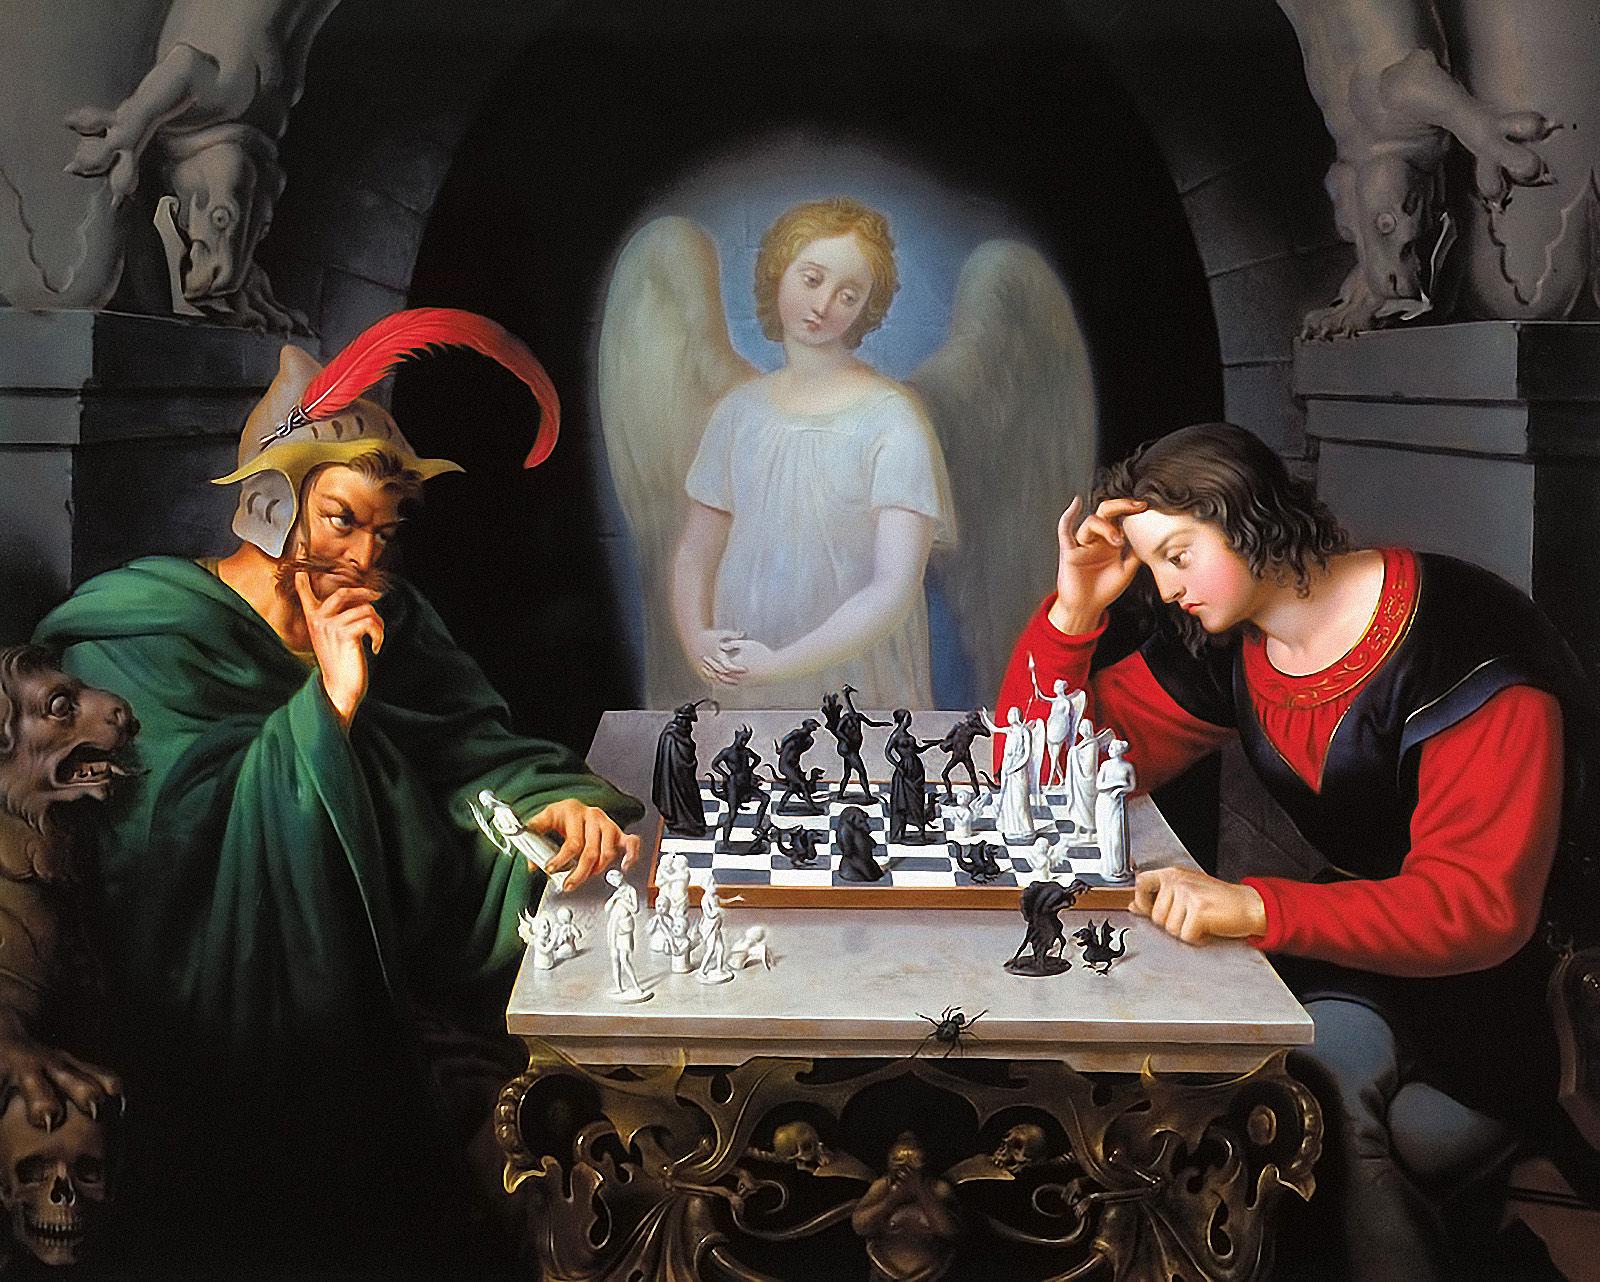 チェス・世界チャンピオンの肖像(モーフィーと「Moritz Retzsch」との ...